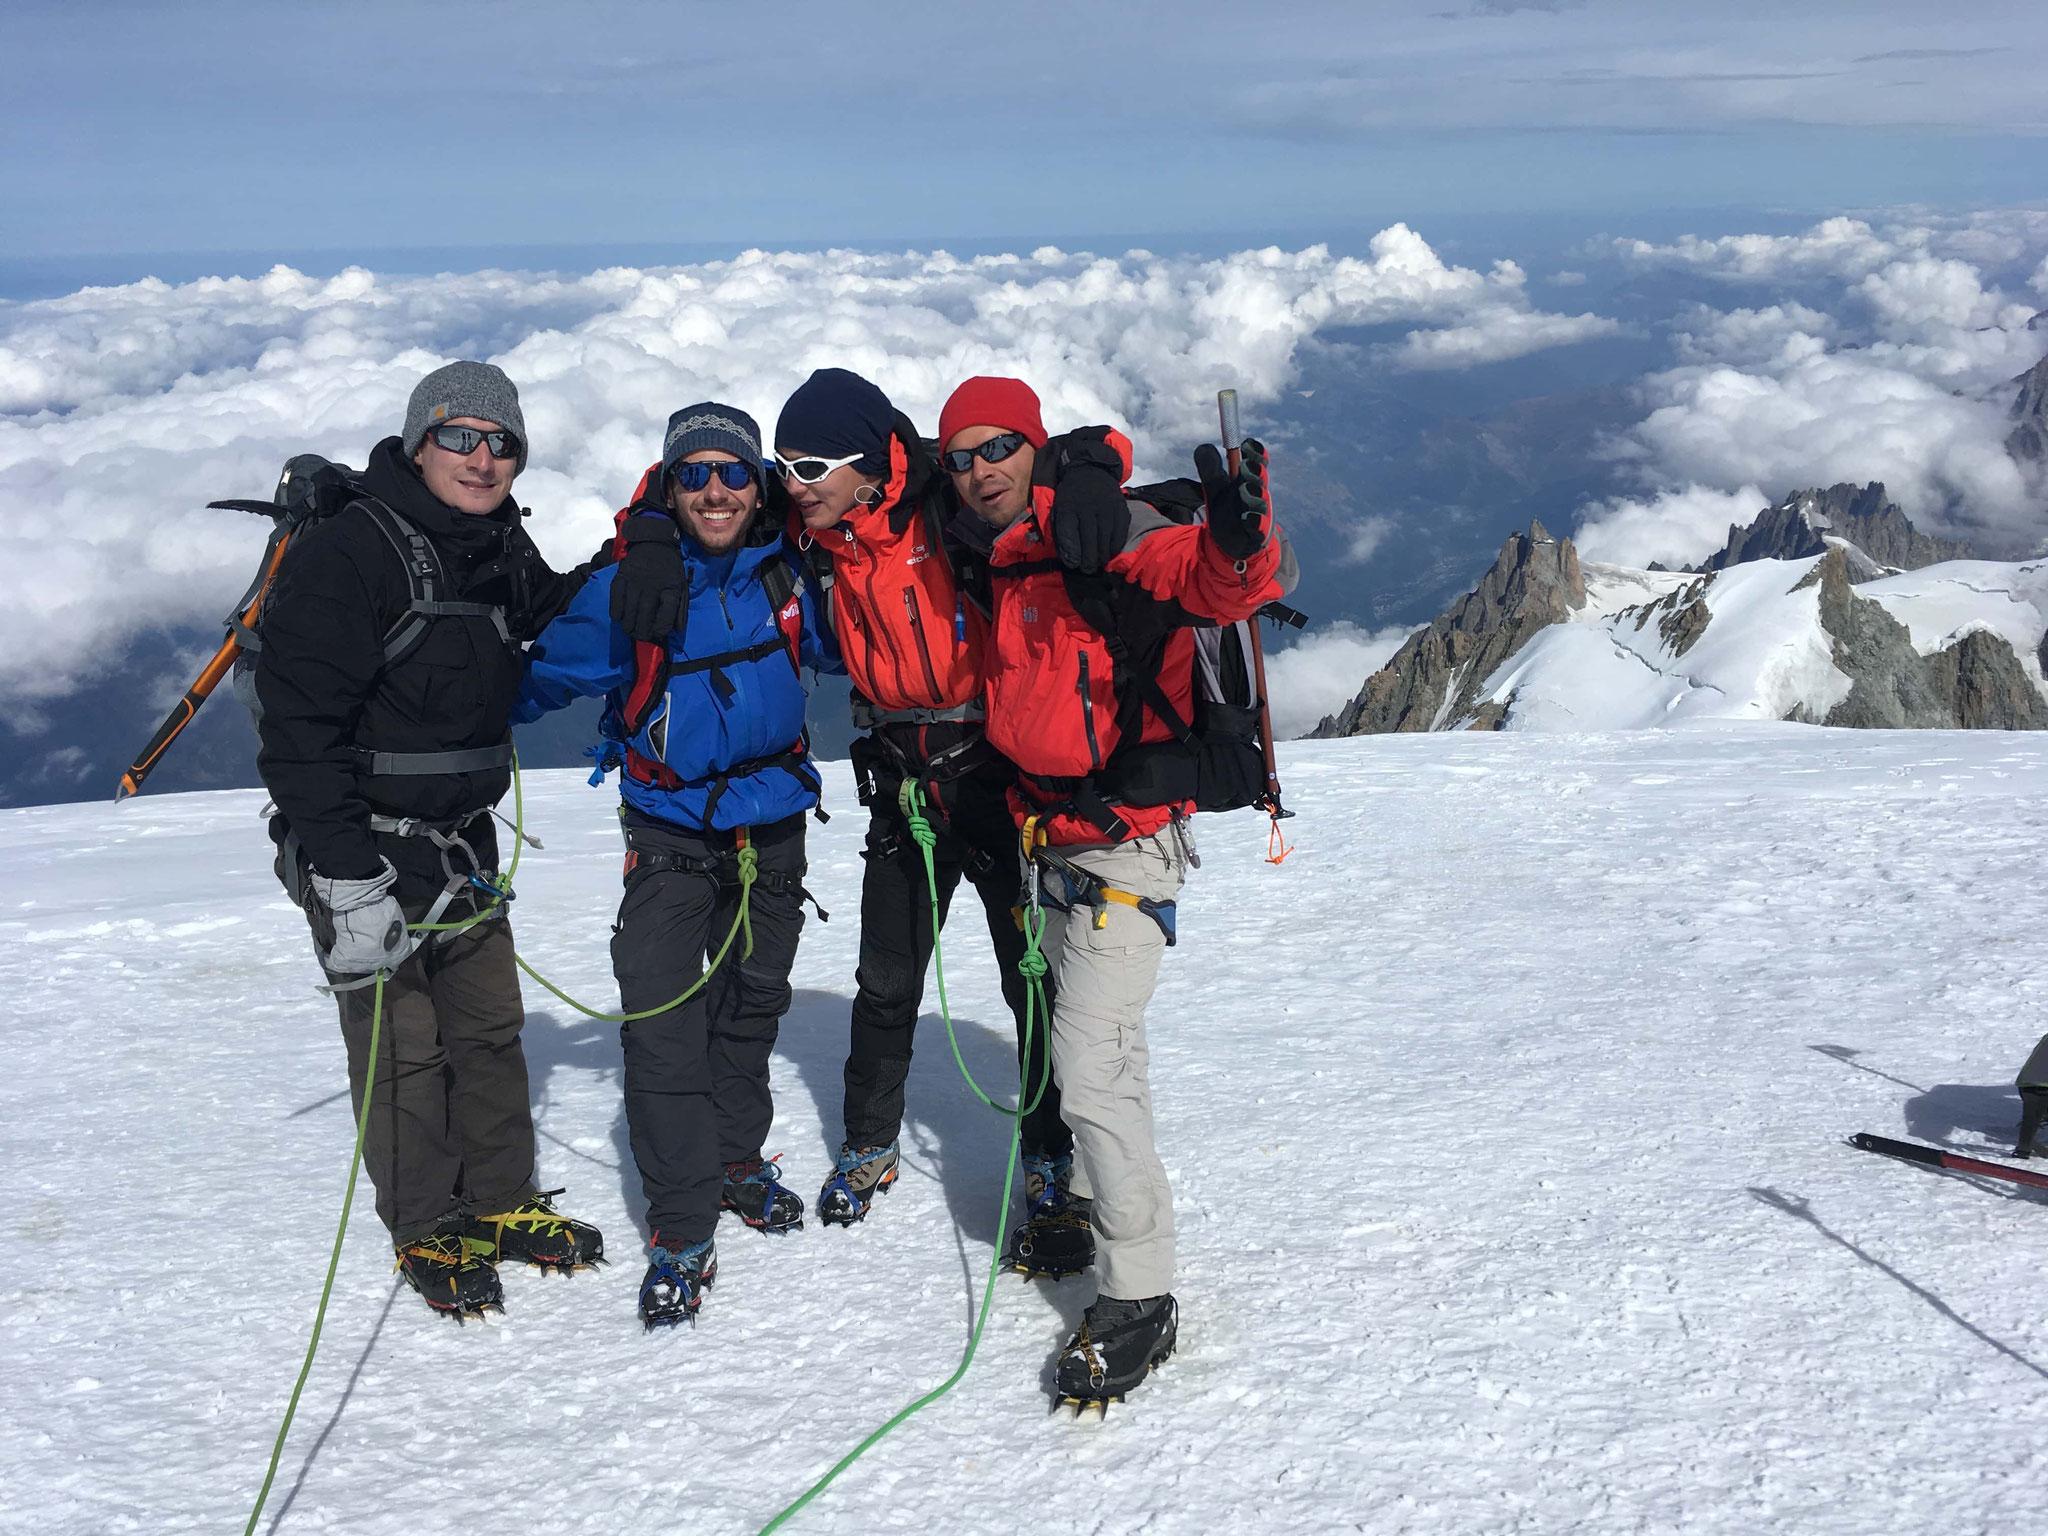 Les 4 compères au sommet